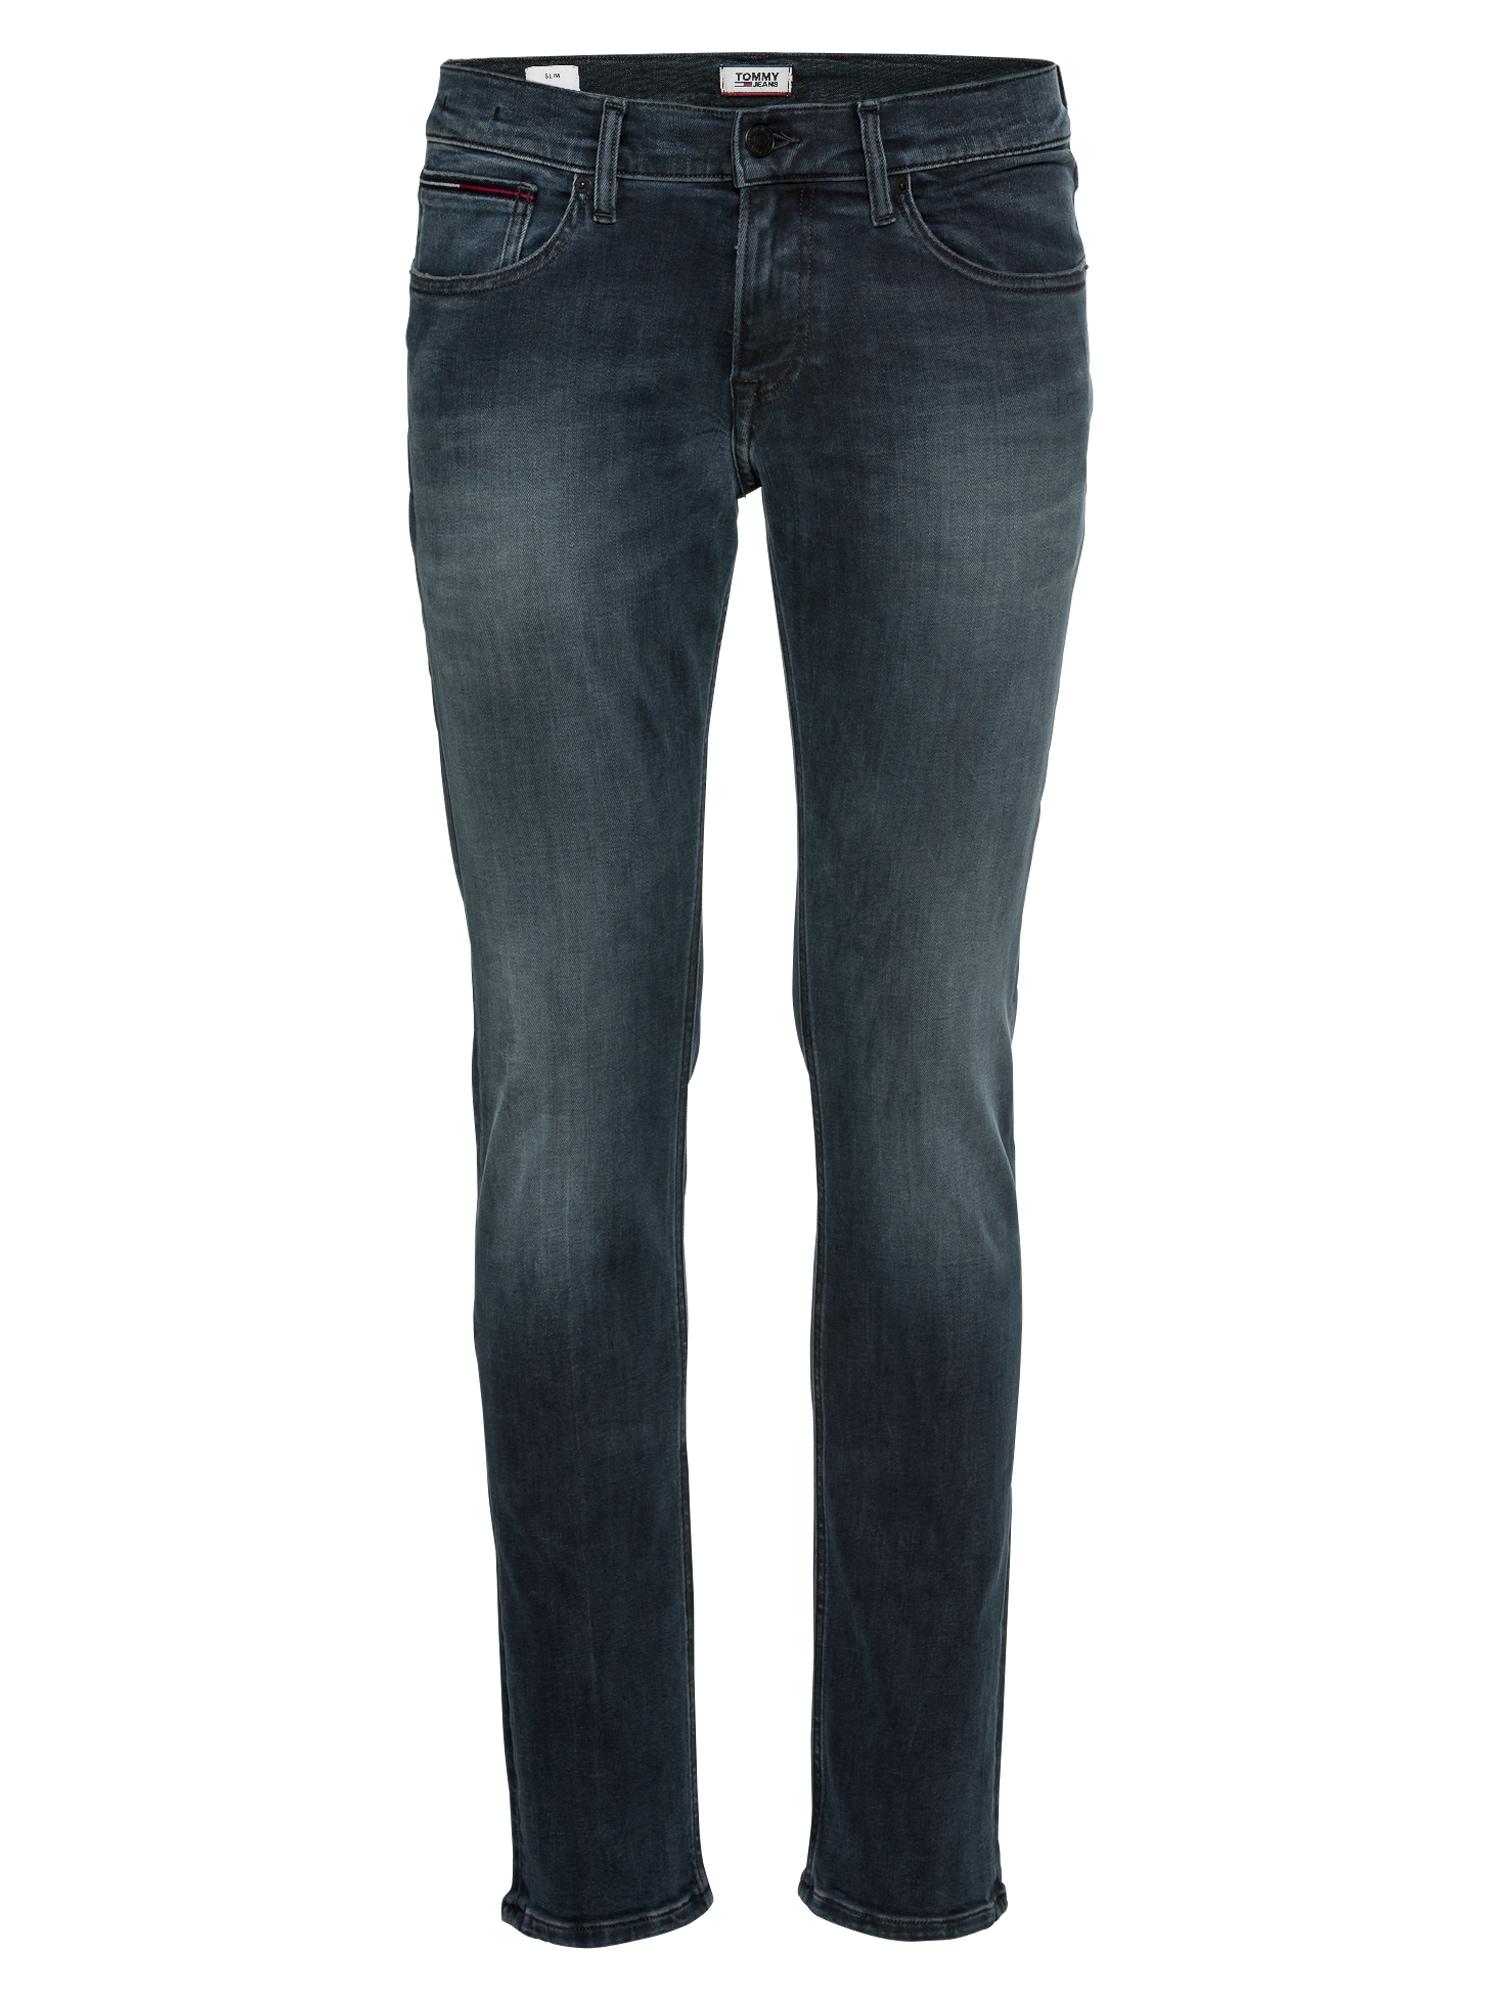 Džíny SLIM SCANTON DYMBK černá džínovina Tommy Jeans